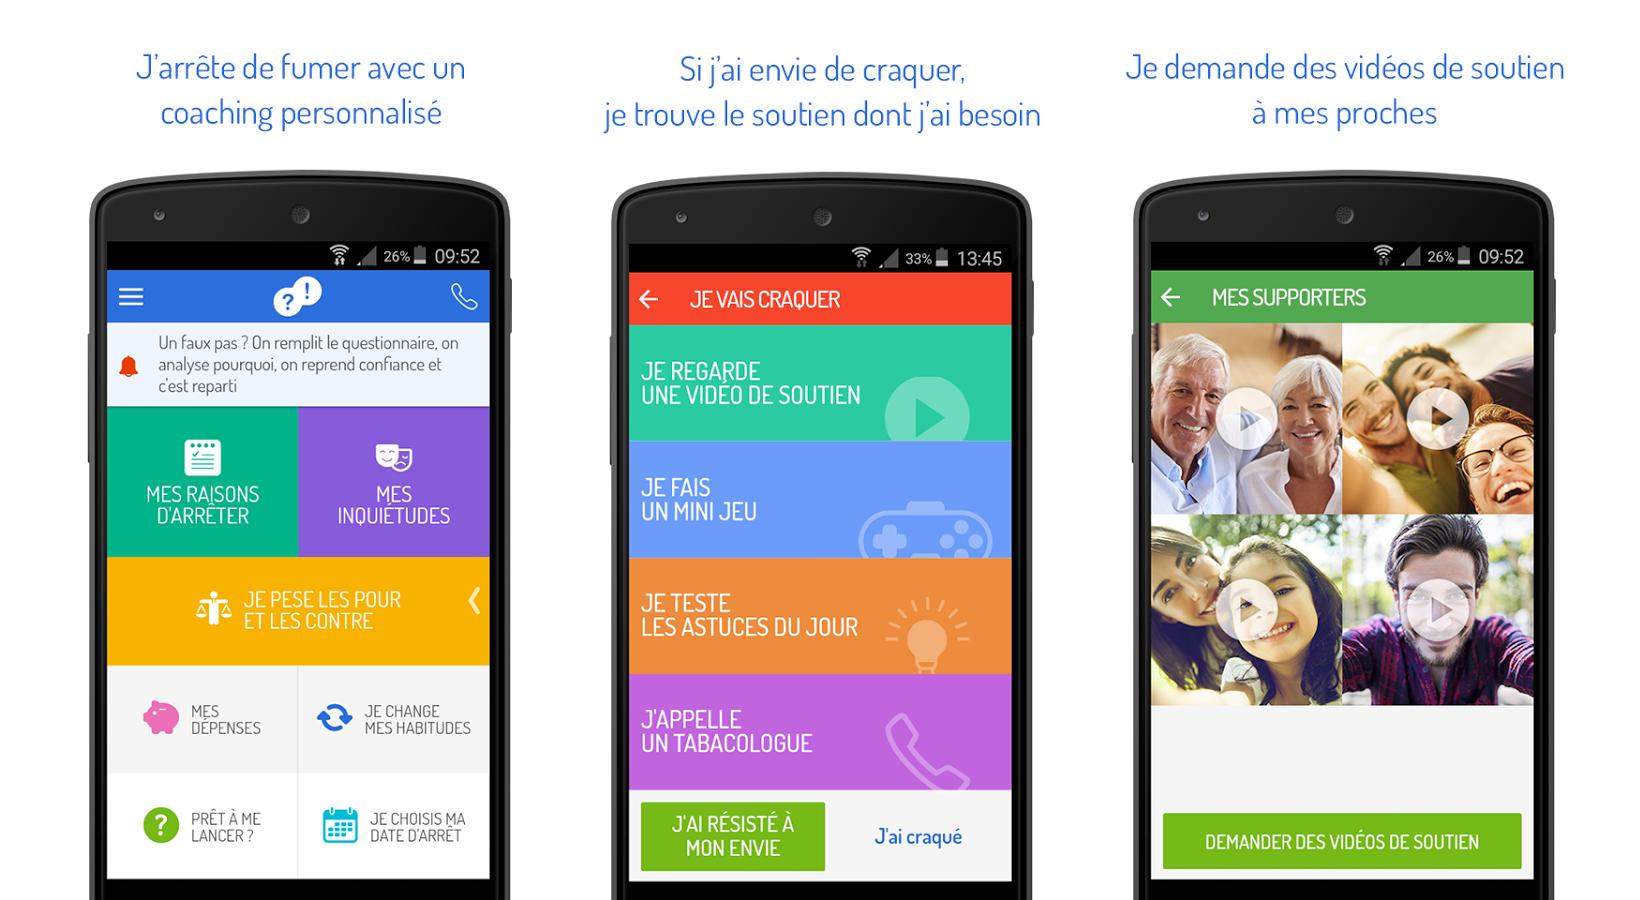 Google play store télécharger gratuit for pc windows 10